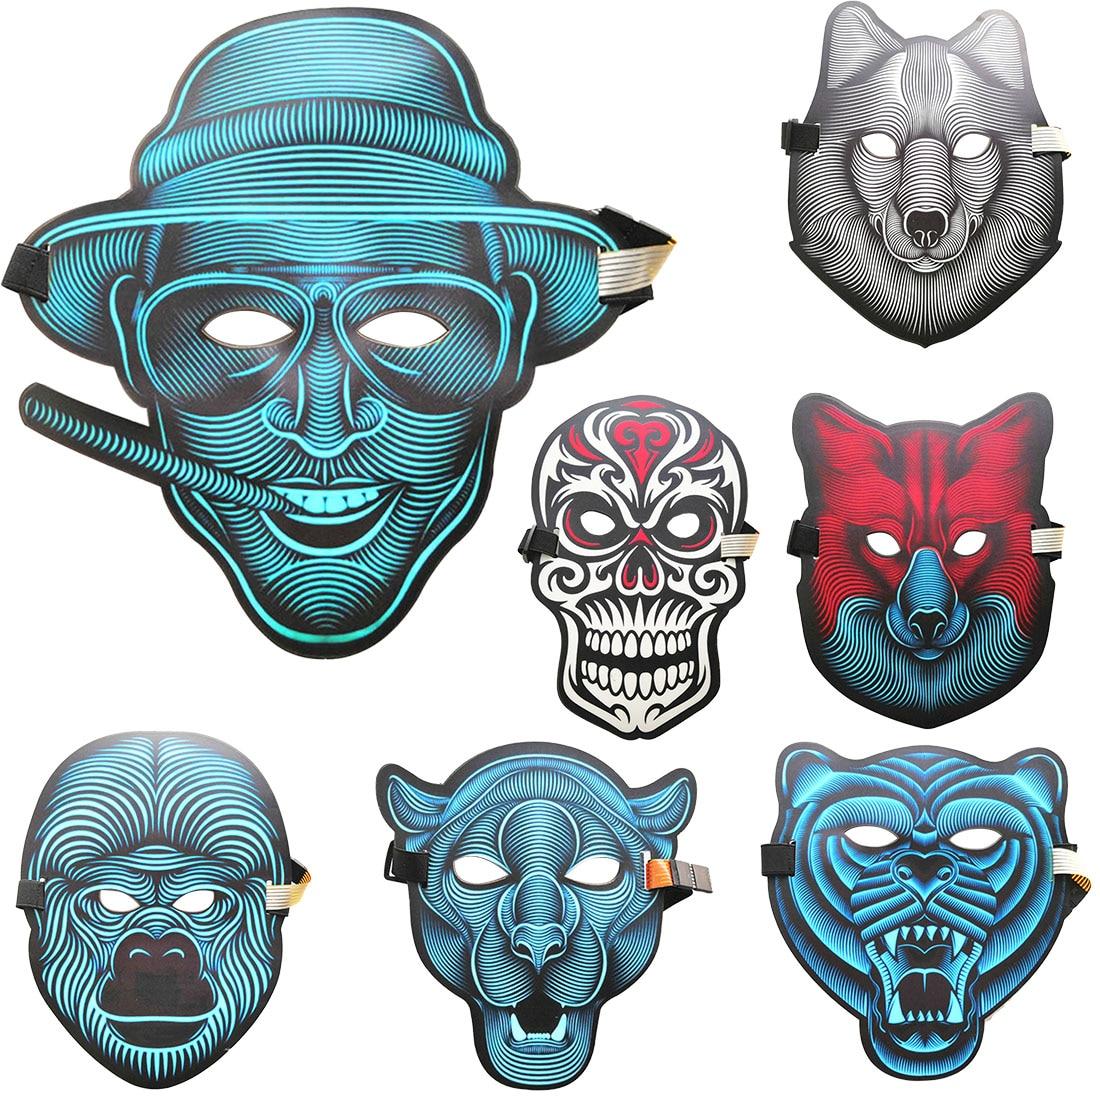 Partei Masken Stimme Sound Control LED Volle Gesicht Maske Horror Grimasse Biegsamen Kühlen Licht Halloween Kostüm Glow Blazing In Dark